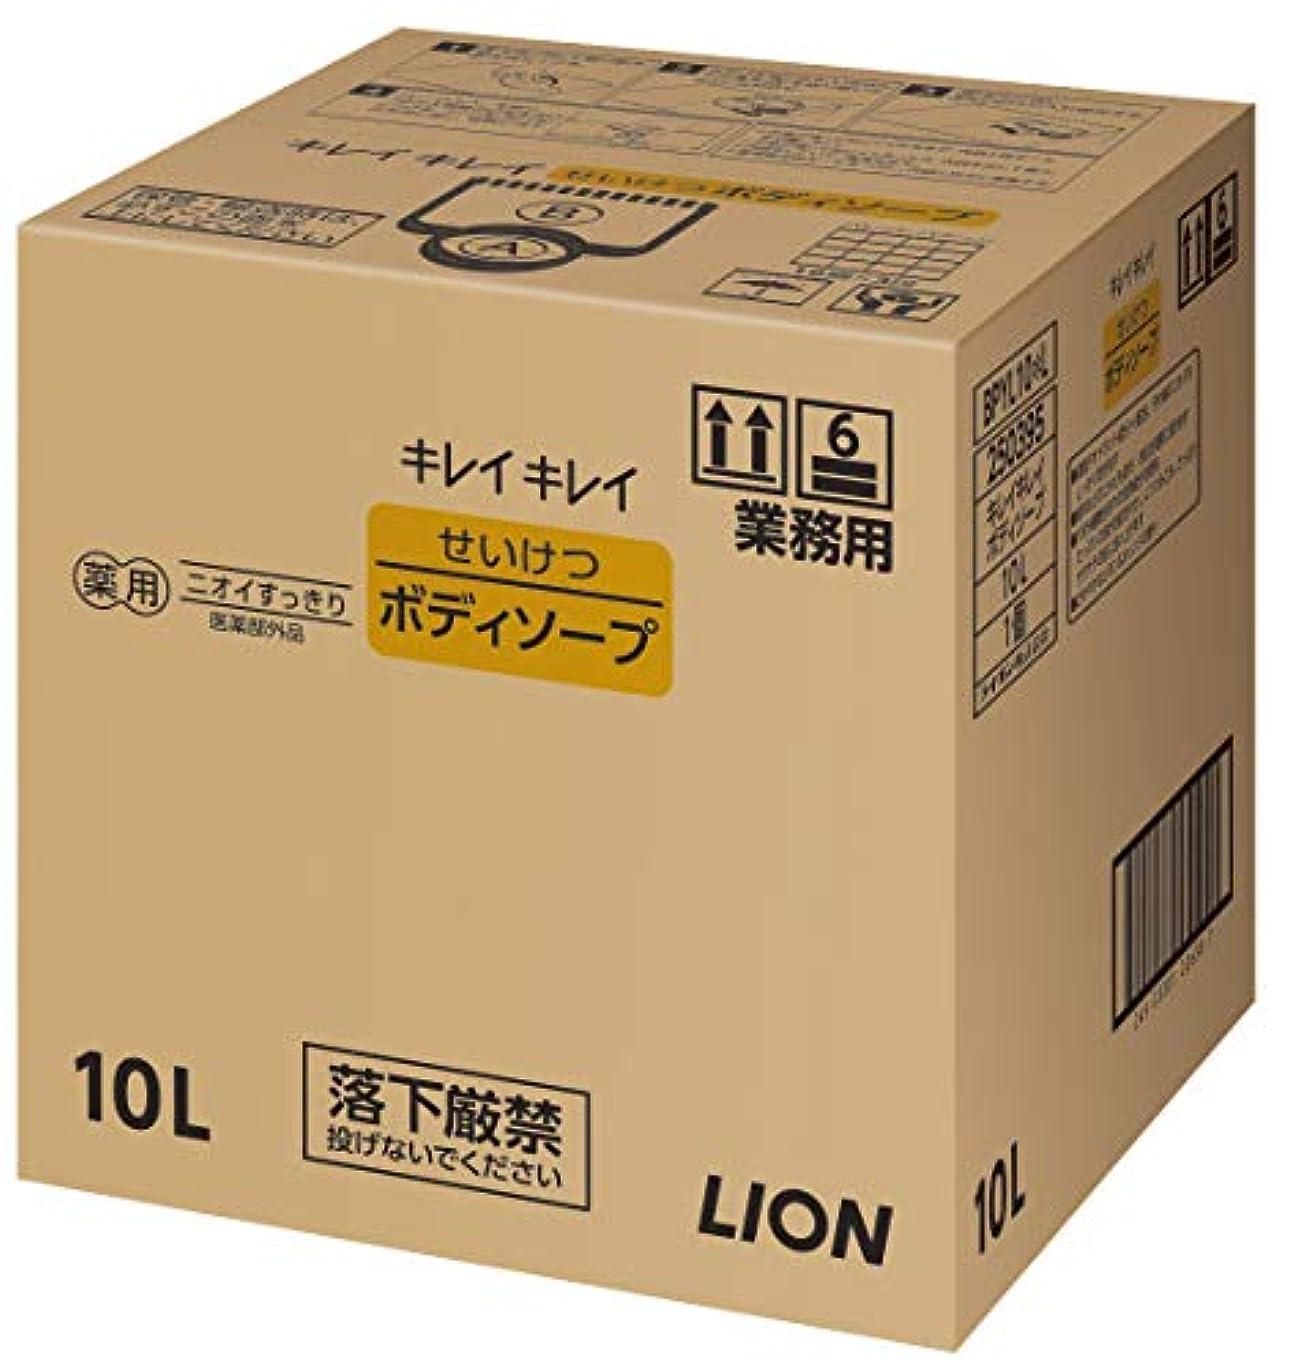 明らか毒アーティキュレーションキレイキレイ せいけつボディソープ さわやかなレモン&オレンジの香り 業務用 10L